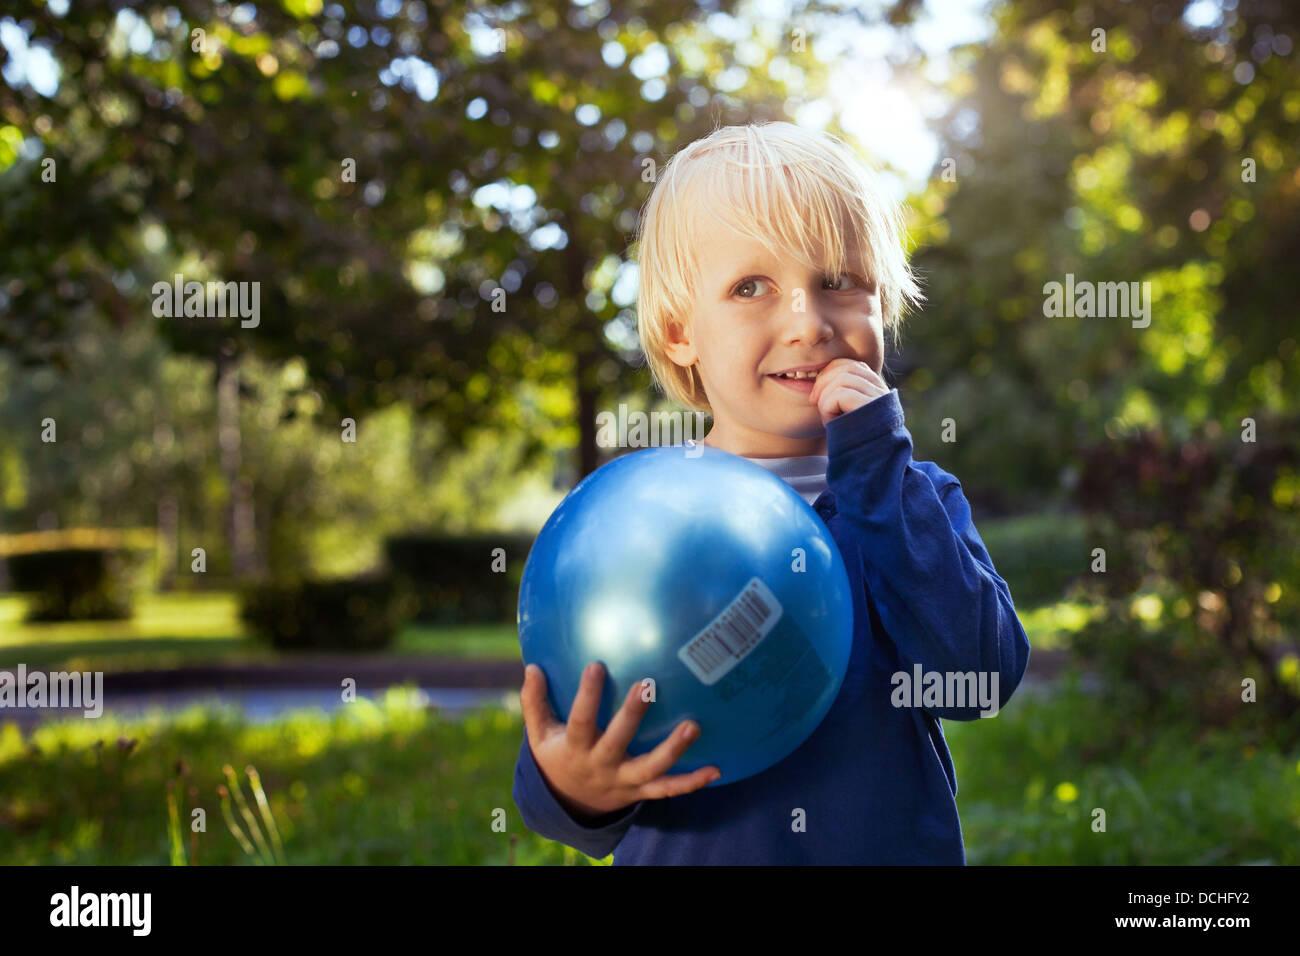 Poco carino ragazzo con la palla cercando Immagini Stock